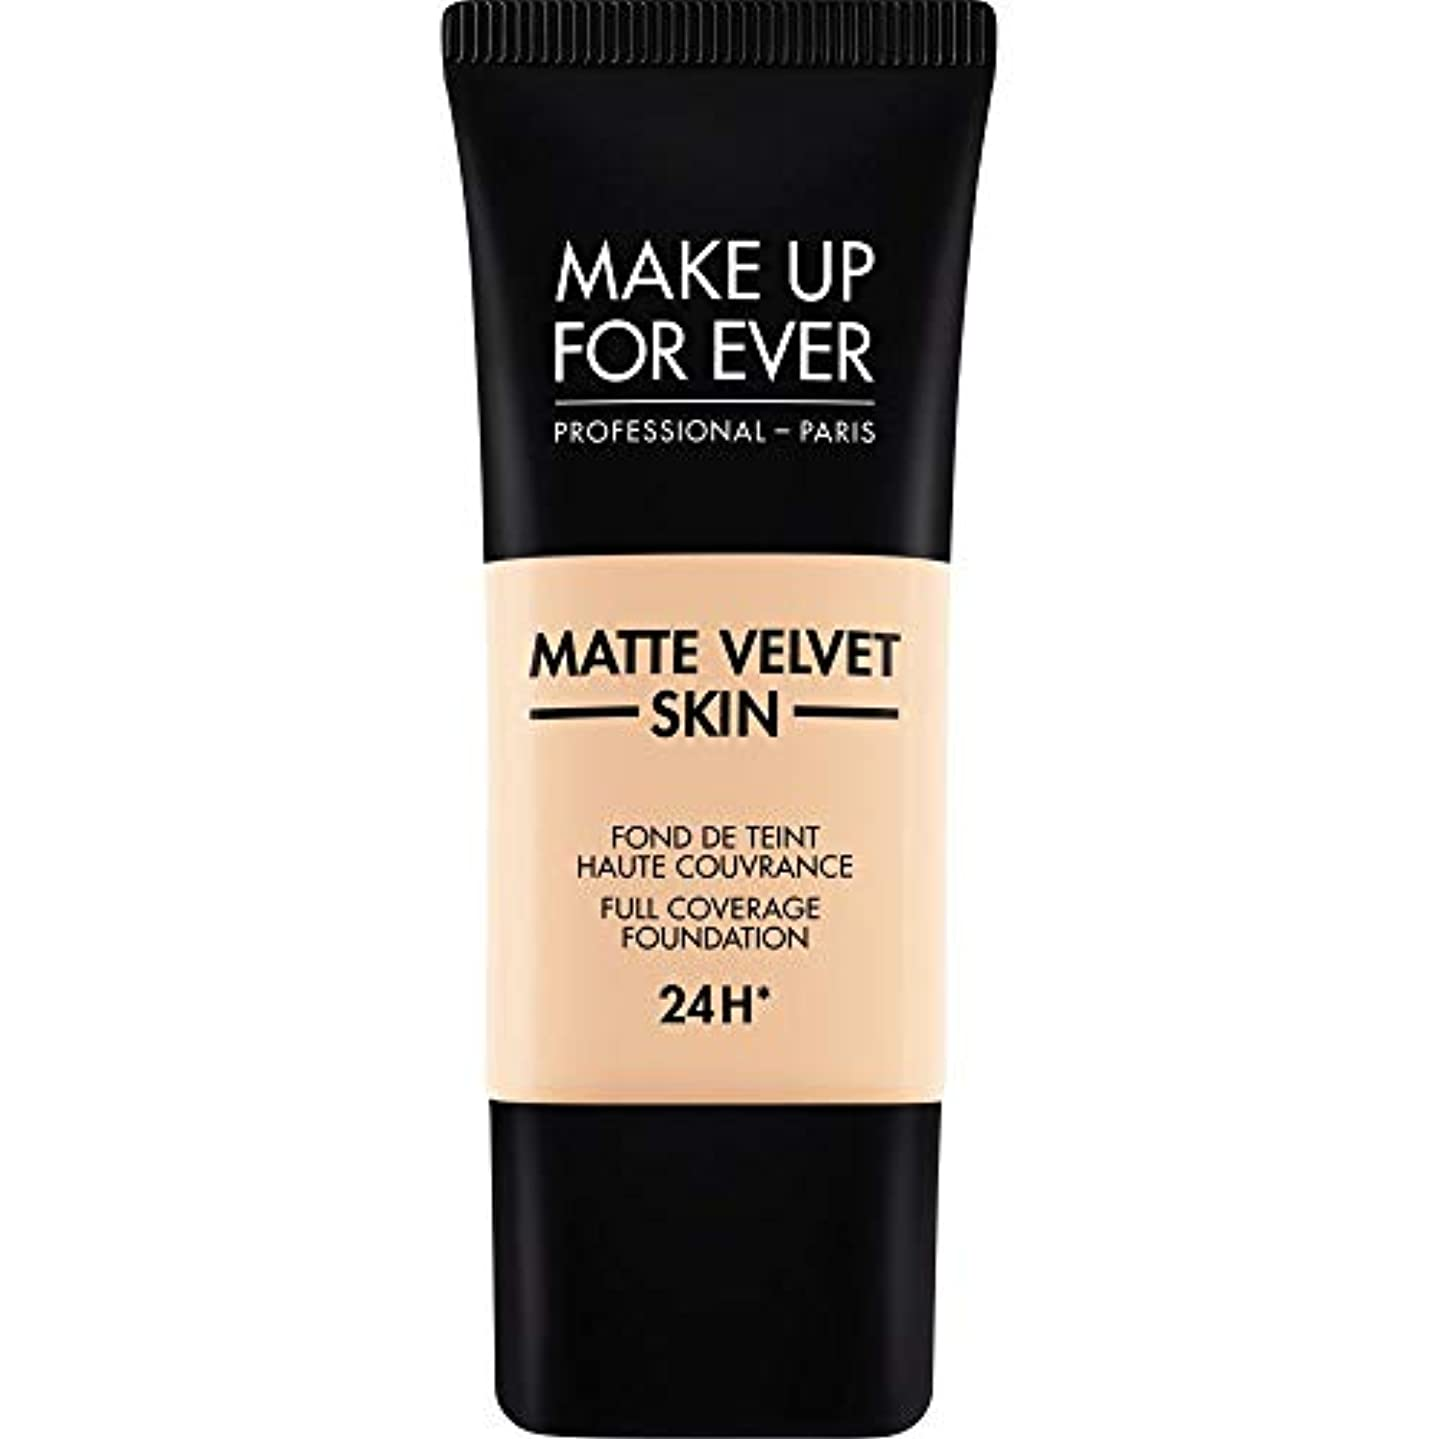 枠ビクターコア[MAKE UP FOR EVER] これまでマットベルベットの皮膚のフルカバレッジ基礎30ミリリットルのR230を補う - アイボリー - MAKE UP FOR EVER Matte Velvet Skin Full...